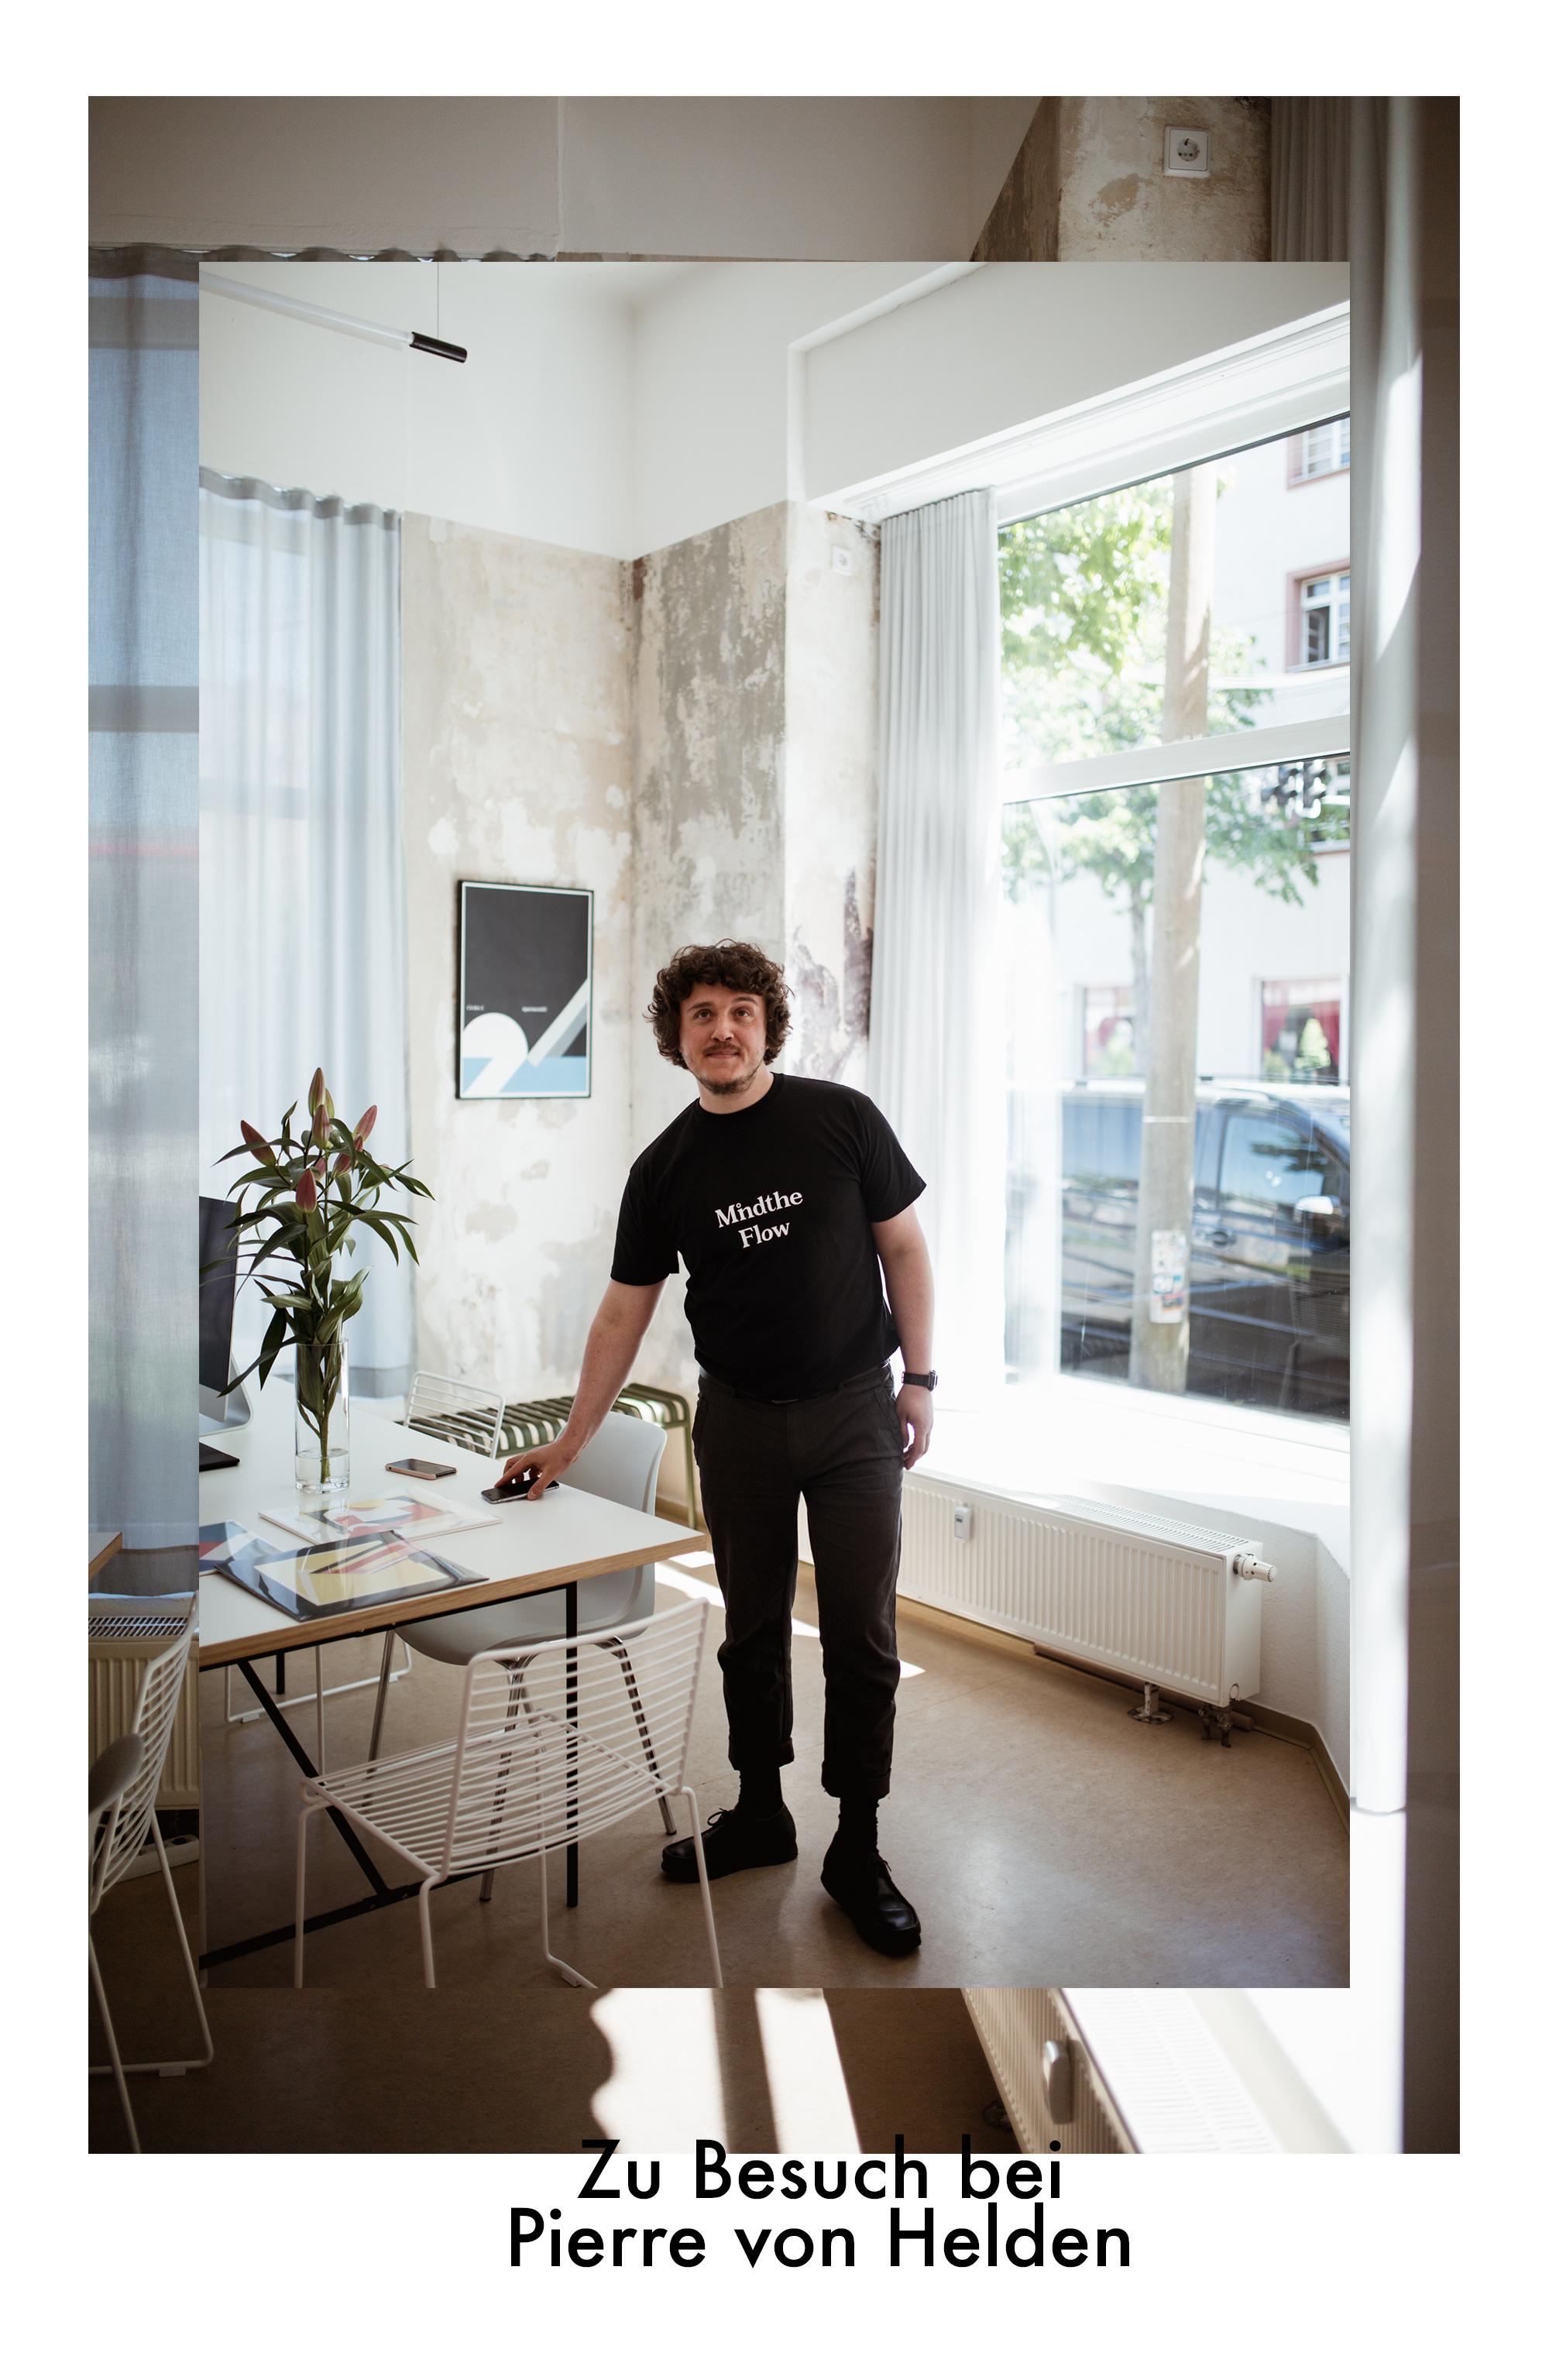 Zu Besuch bei Pierre von Helden im Apartment102